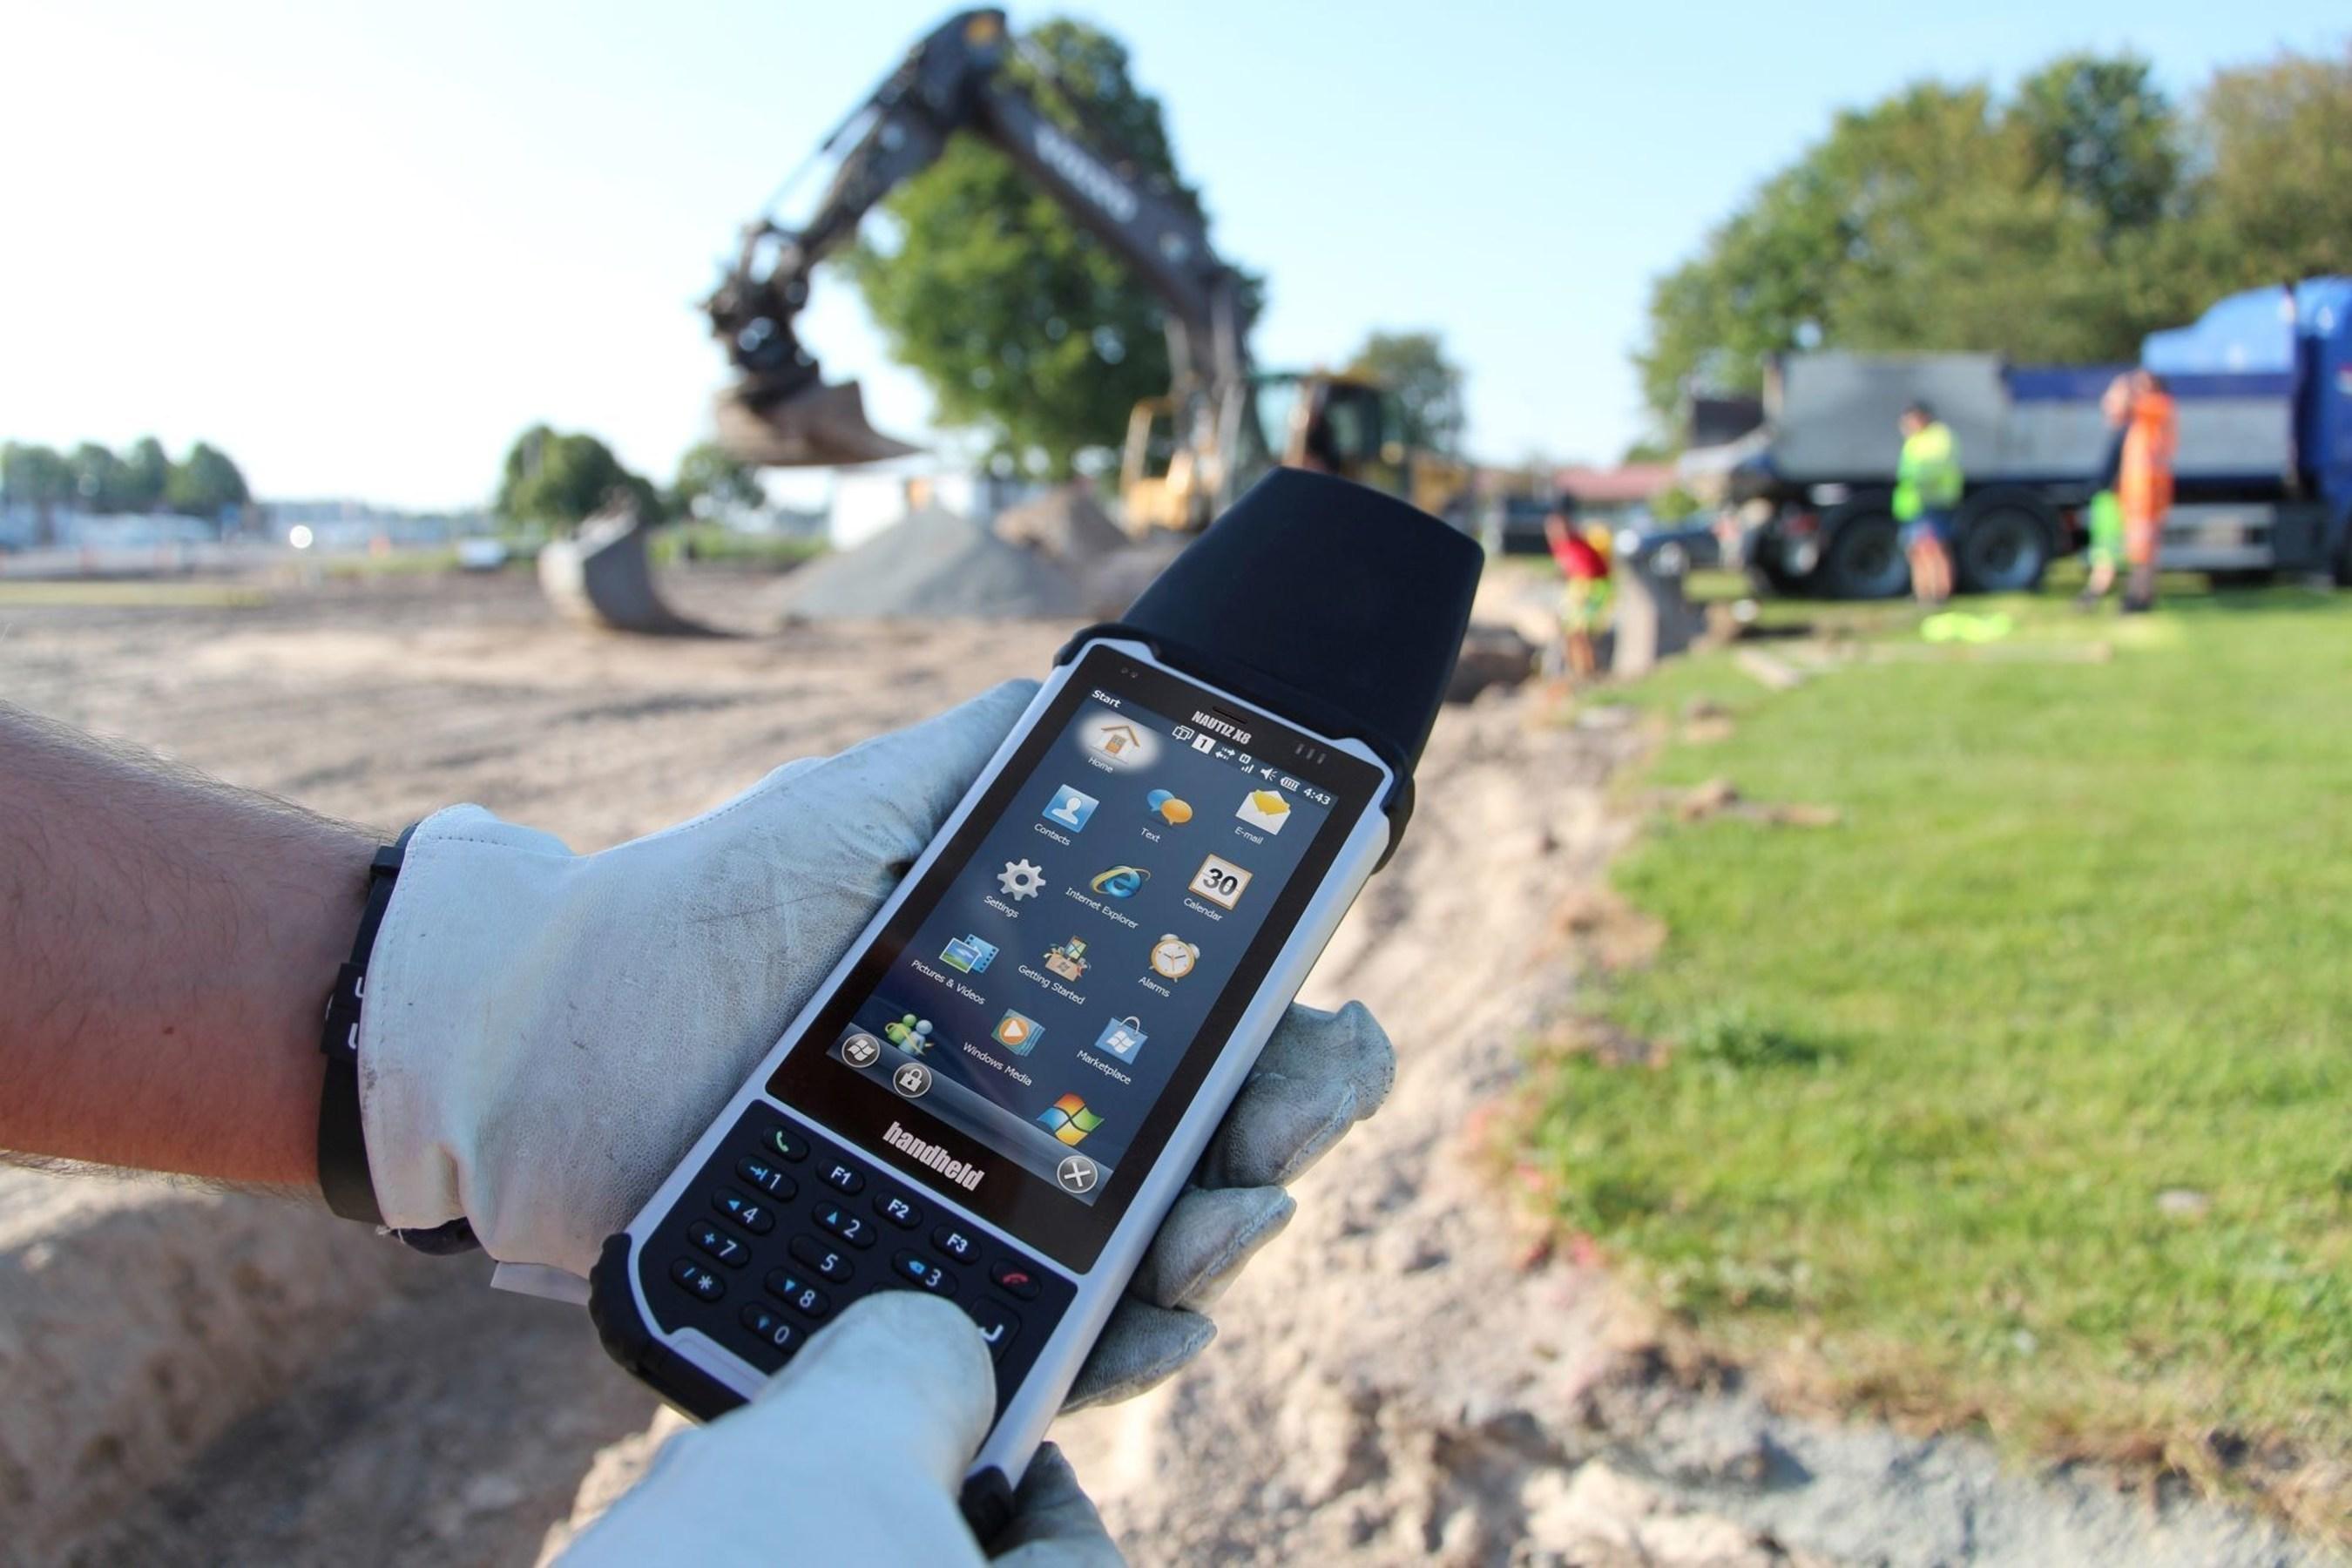 La computadora de campo ultrarobusta NAUTIZ X8 de Handheld tiene nuevos accesorios que se pueden